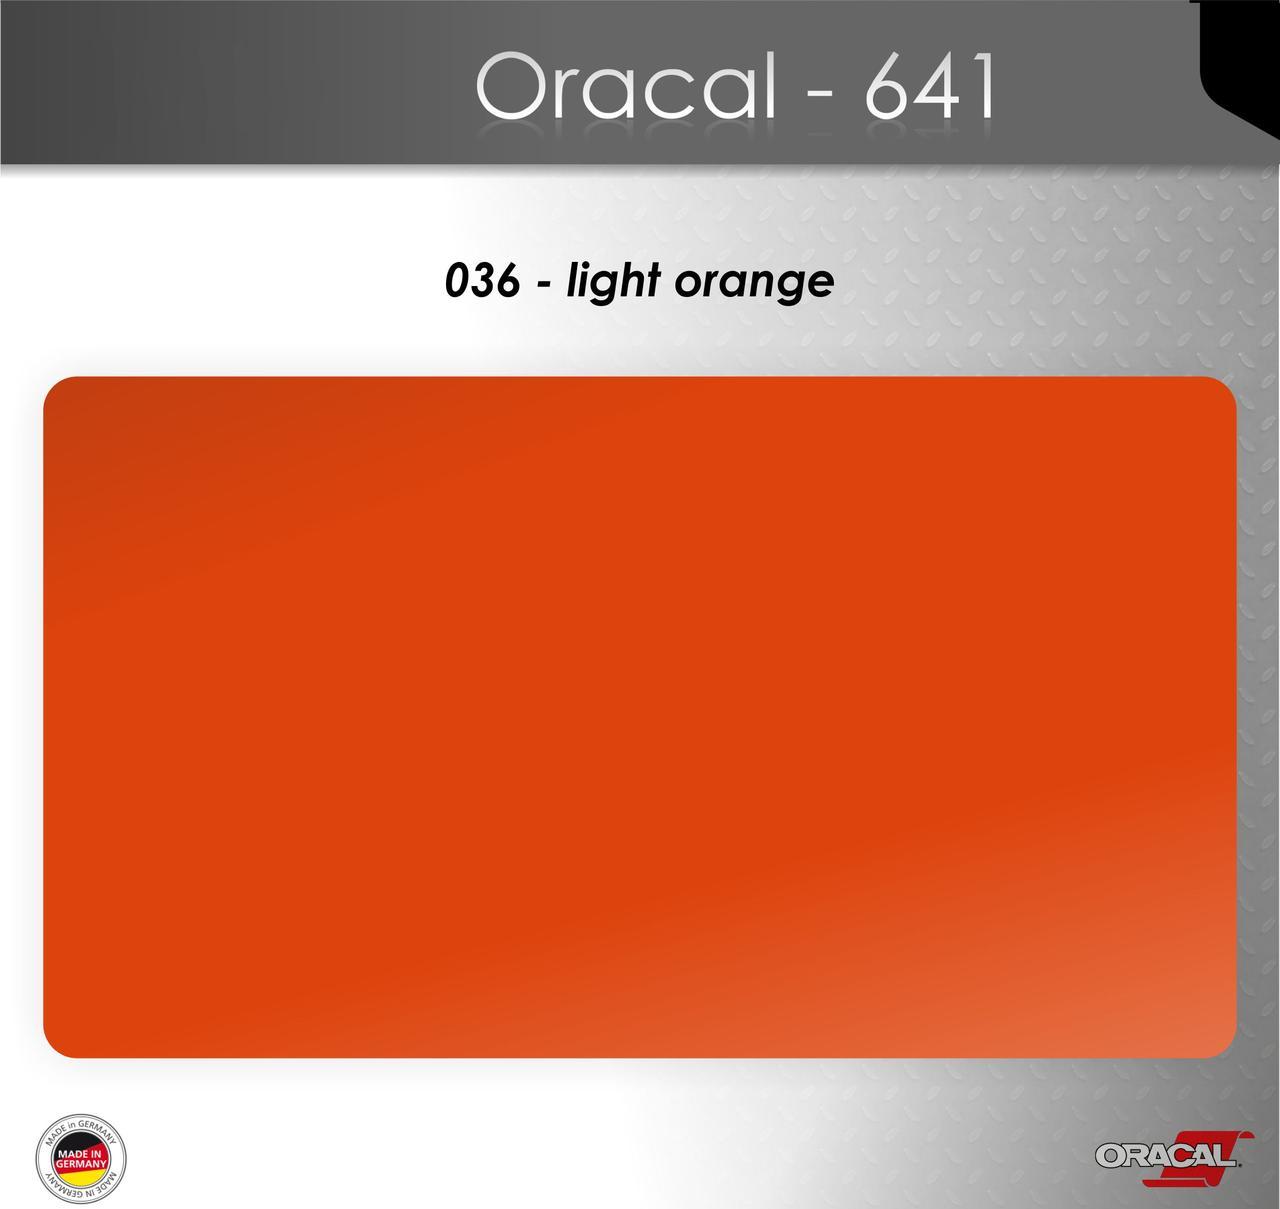 Пленка Оракал 641/светло-оранжевый (036)